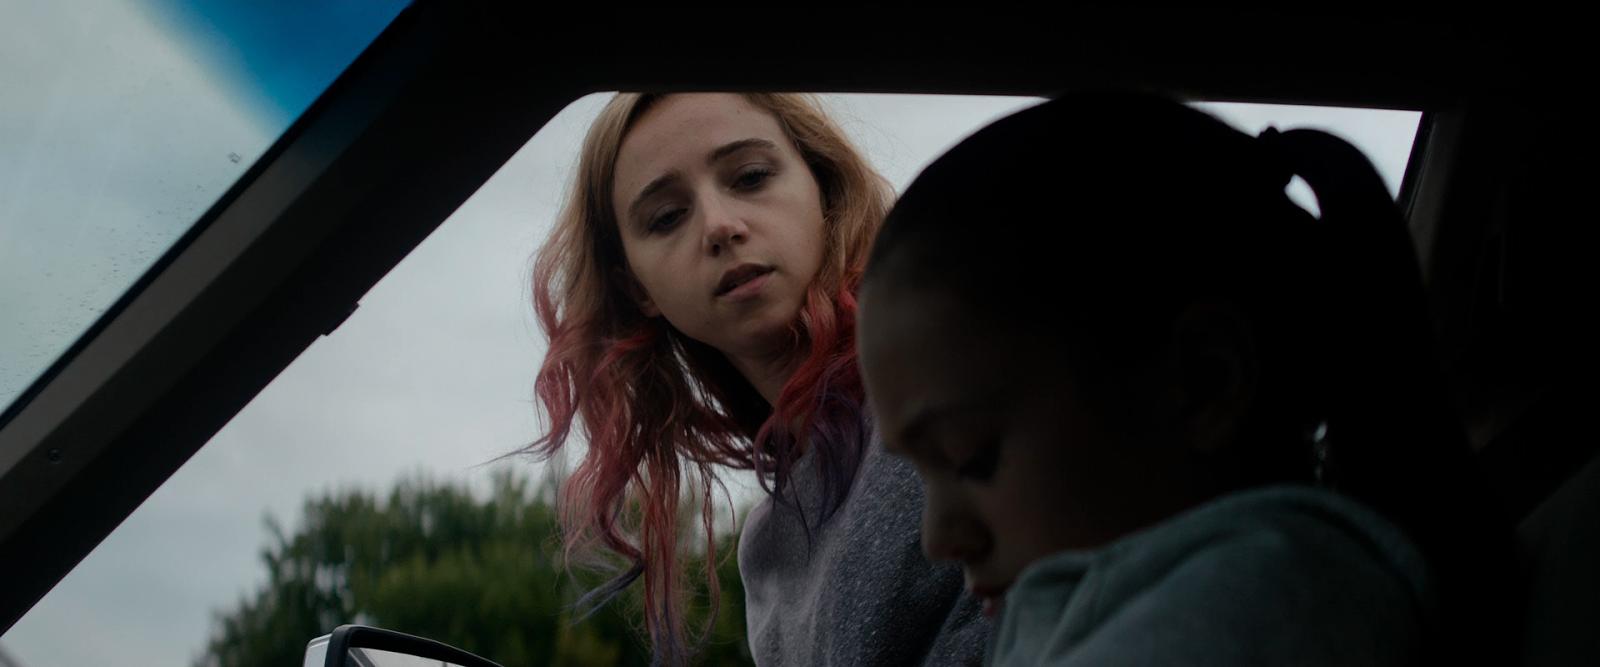 The Monster (2016) BRRip 720p Latino – Ingles captura 2